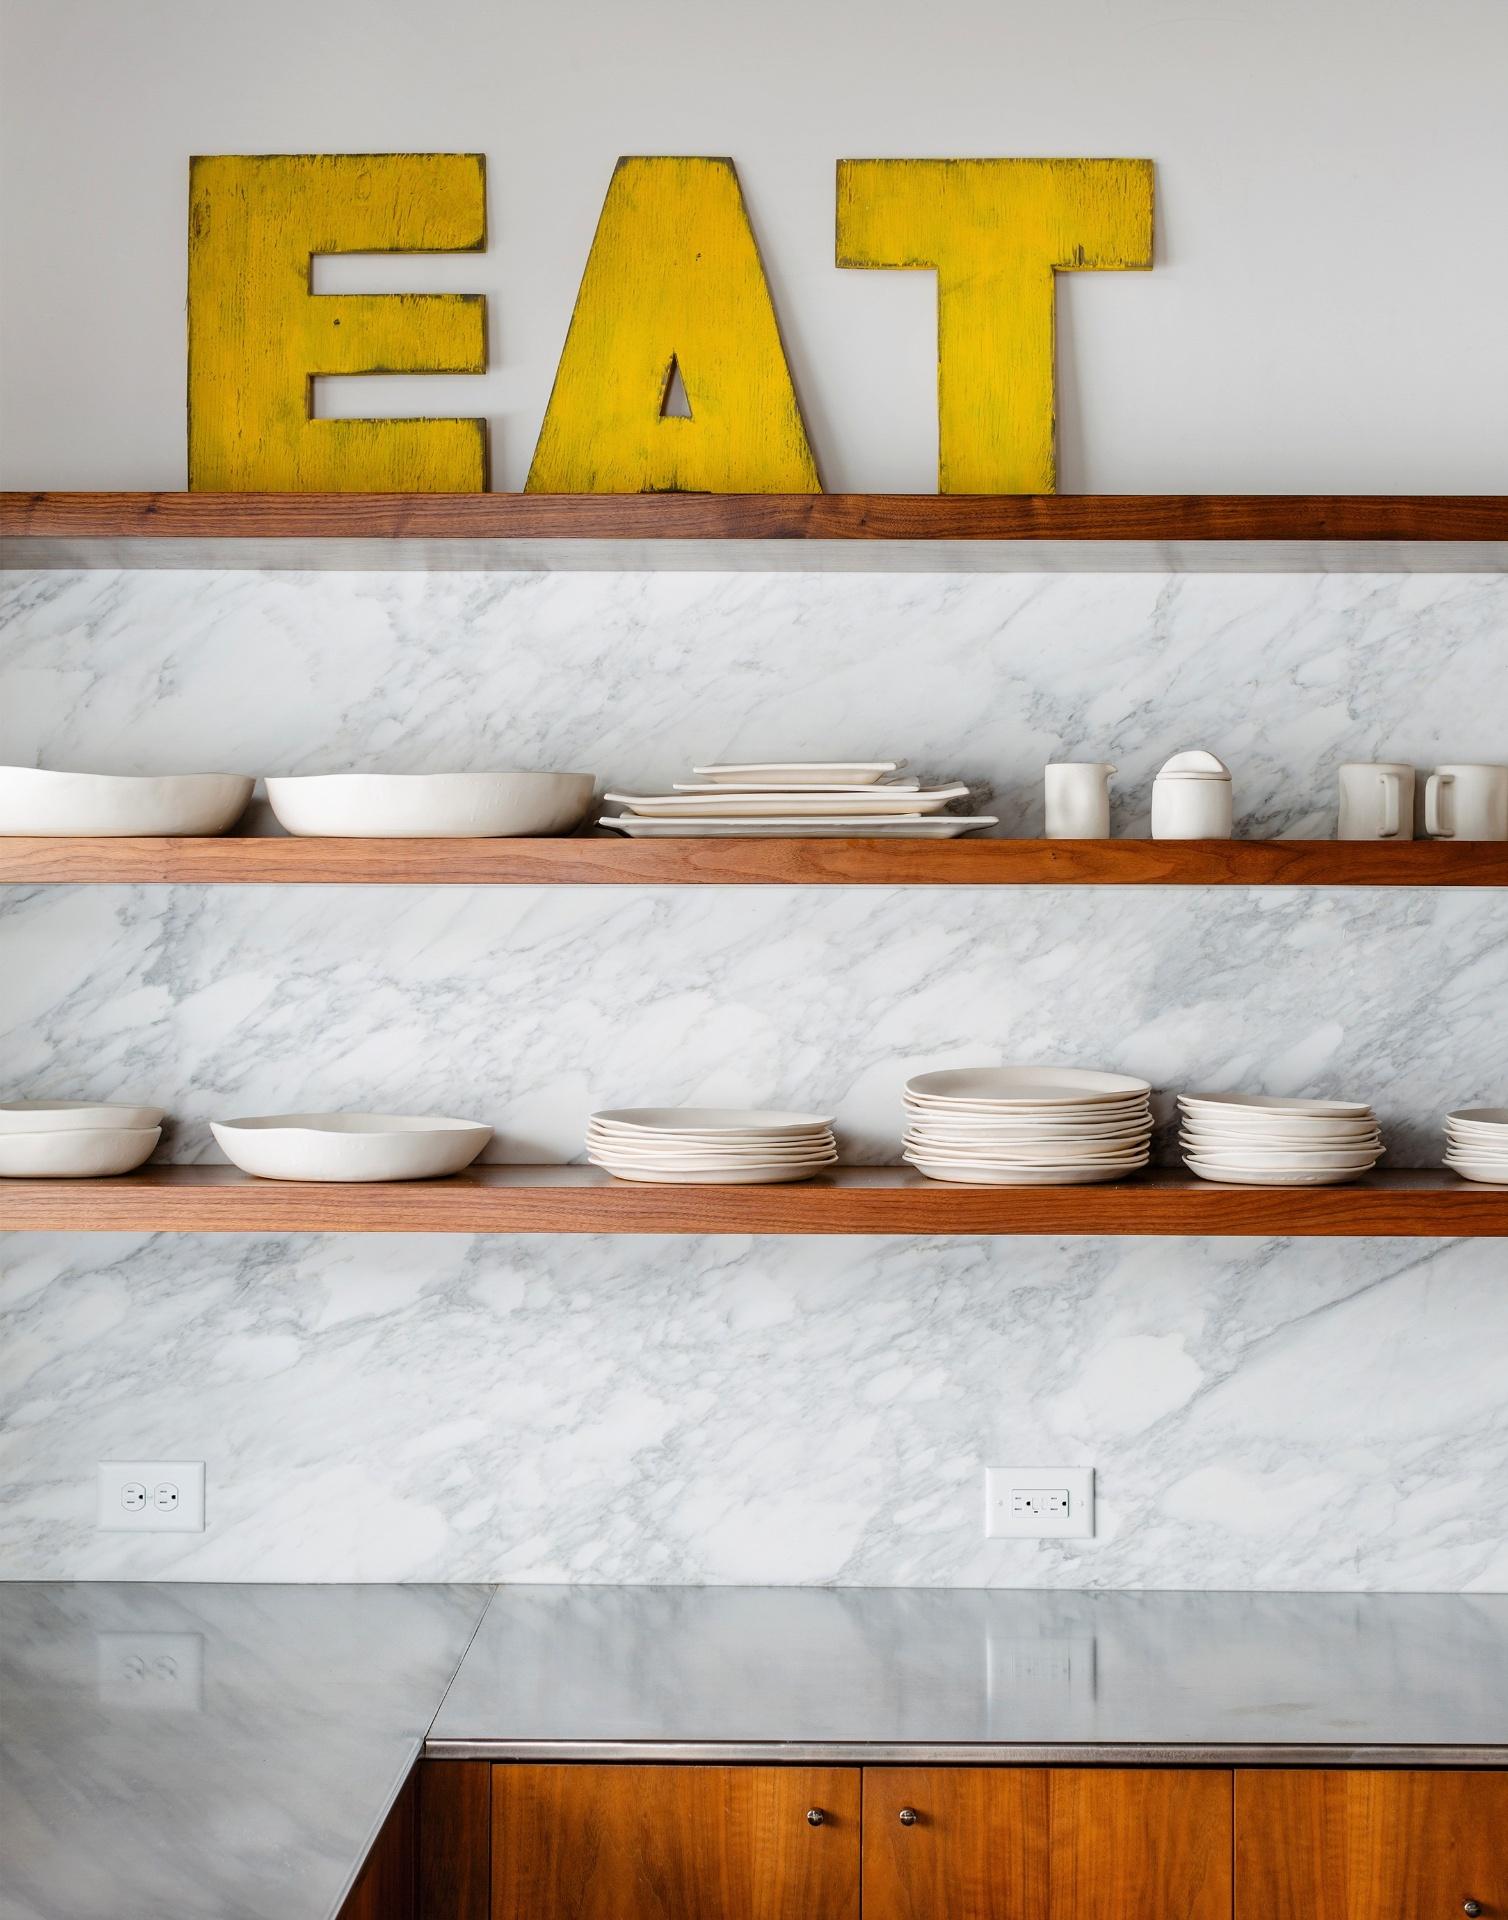 Parte dos utensílios ficam acomodados em prateleiras e, assim, ajudam a compor a decoração. As letras amarelas que formam a palavra